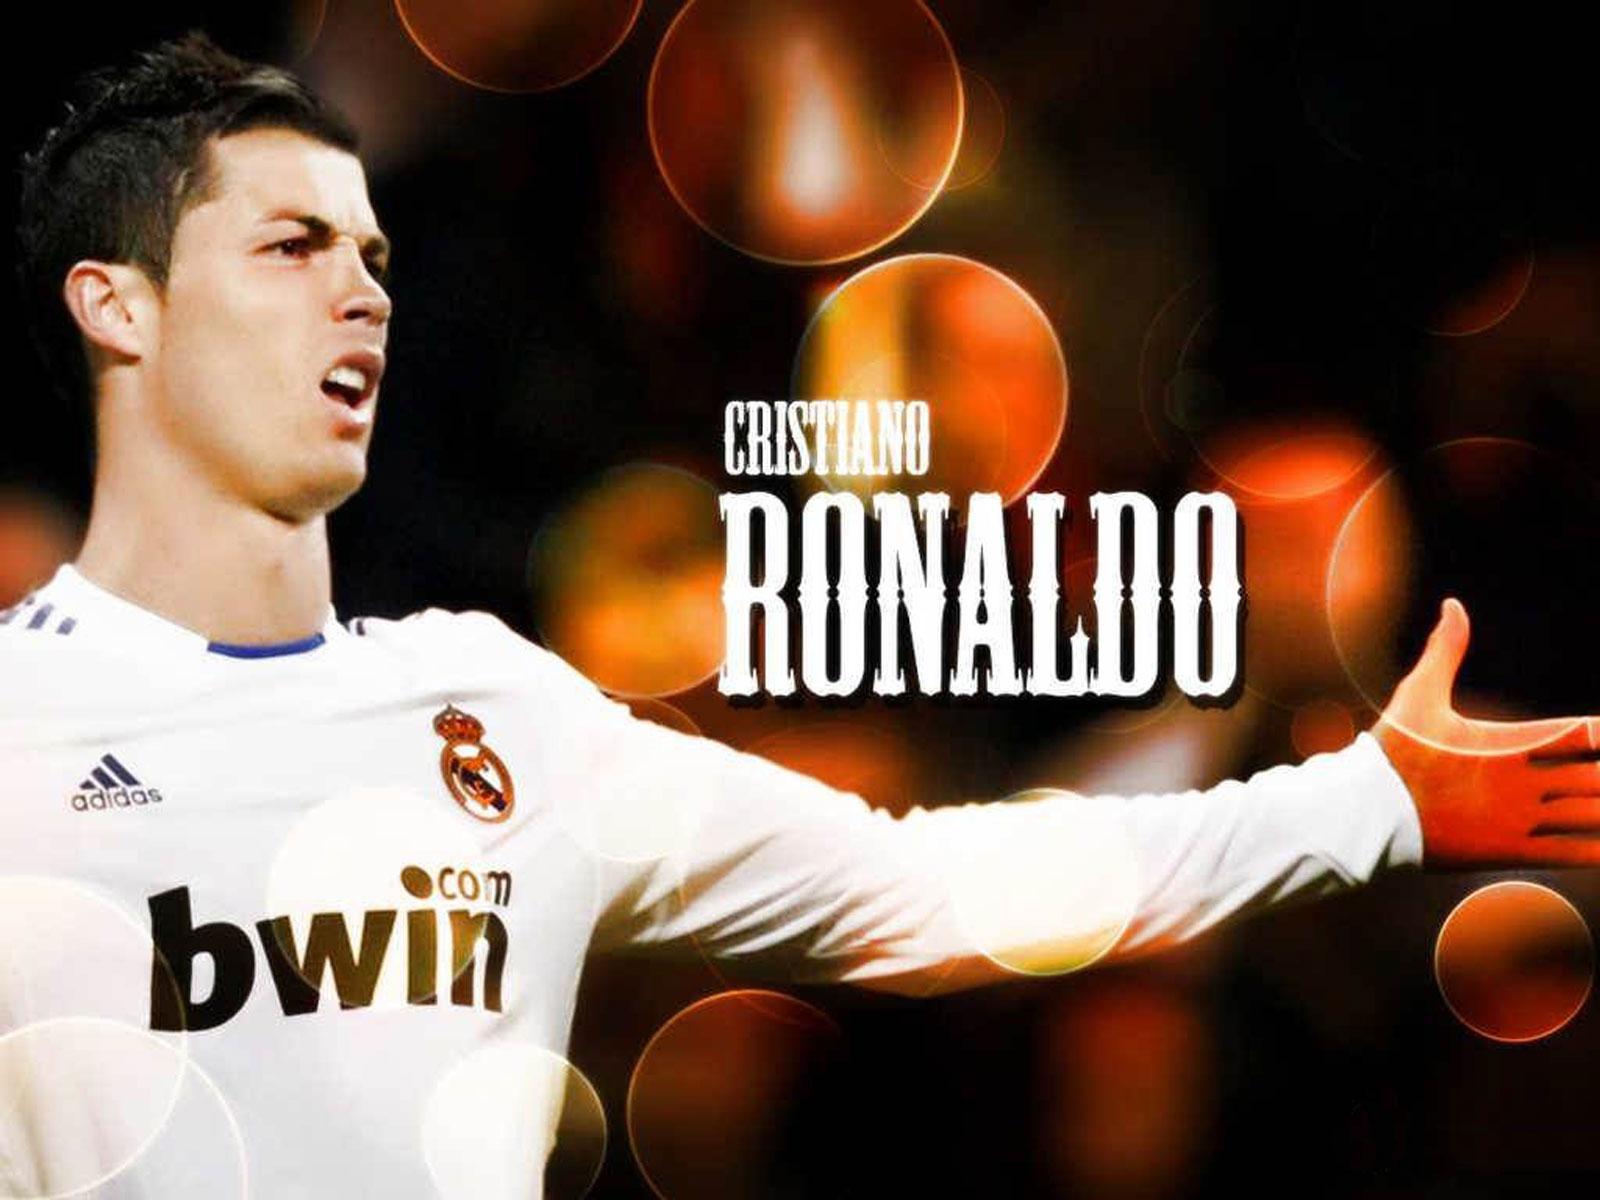 http://2.bp.blogspot.com/-FoBDu1YS3H4/ULfosxmCsjI/AAAAAAAAABw/pJE6JJwEkqQ/s1600/Cristiano+Ronaldo+1.jpg